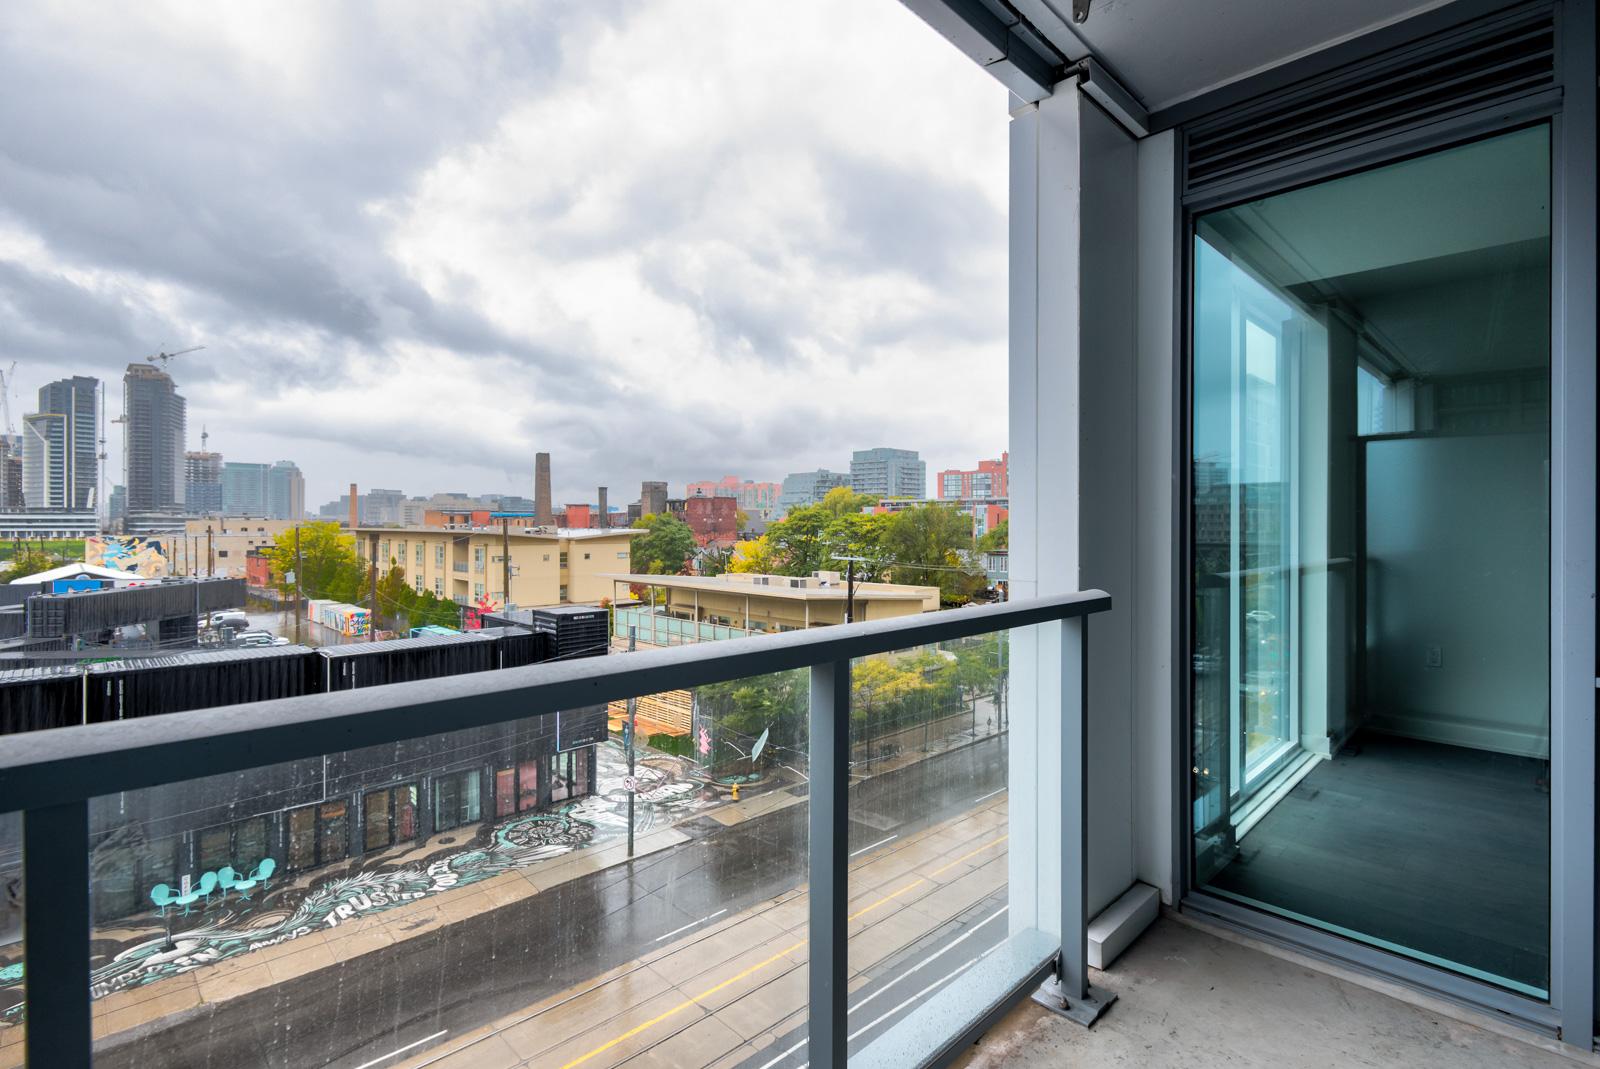 Balcony of Minto Condos overlooking Bathurst St, Toronto on a rainy day.